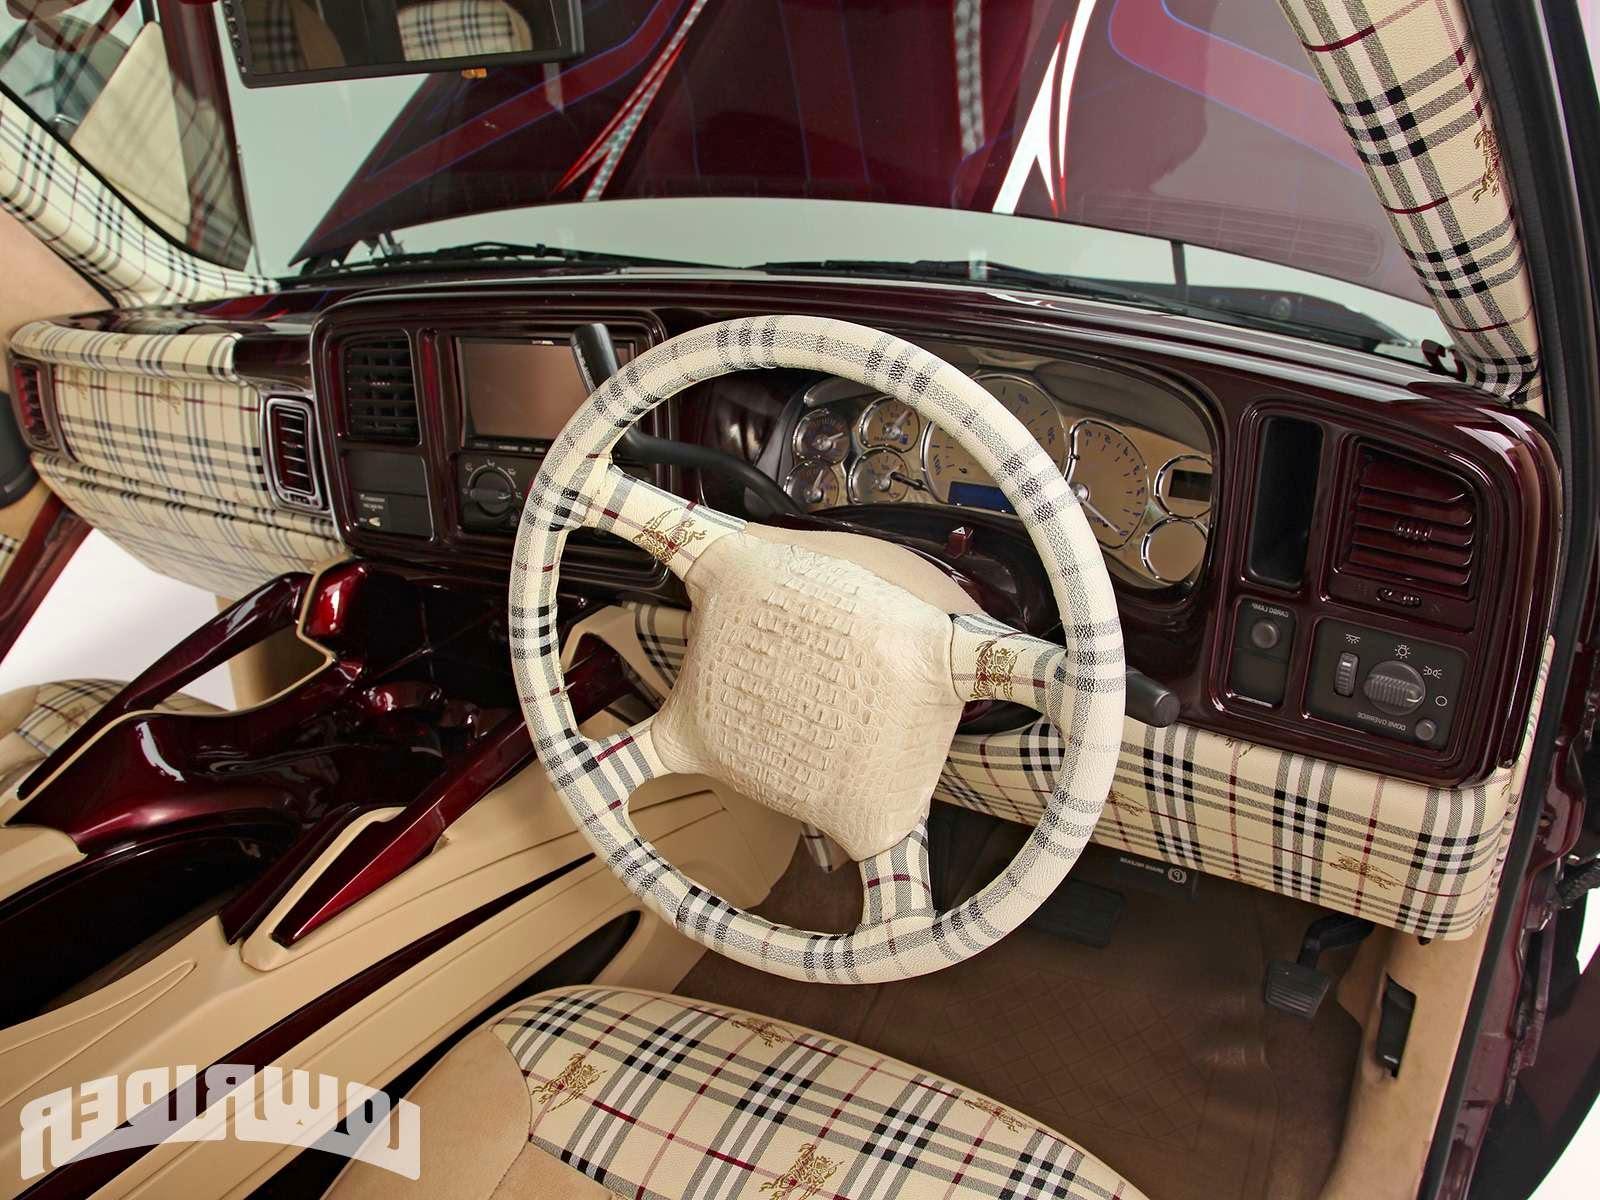 2000 Chevy Silverado Interior Pictures